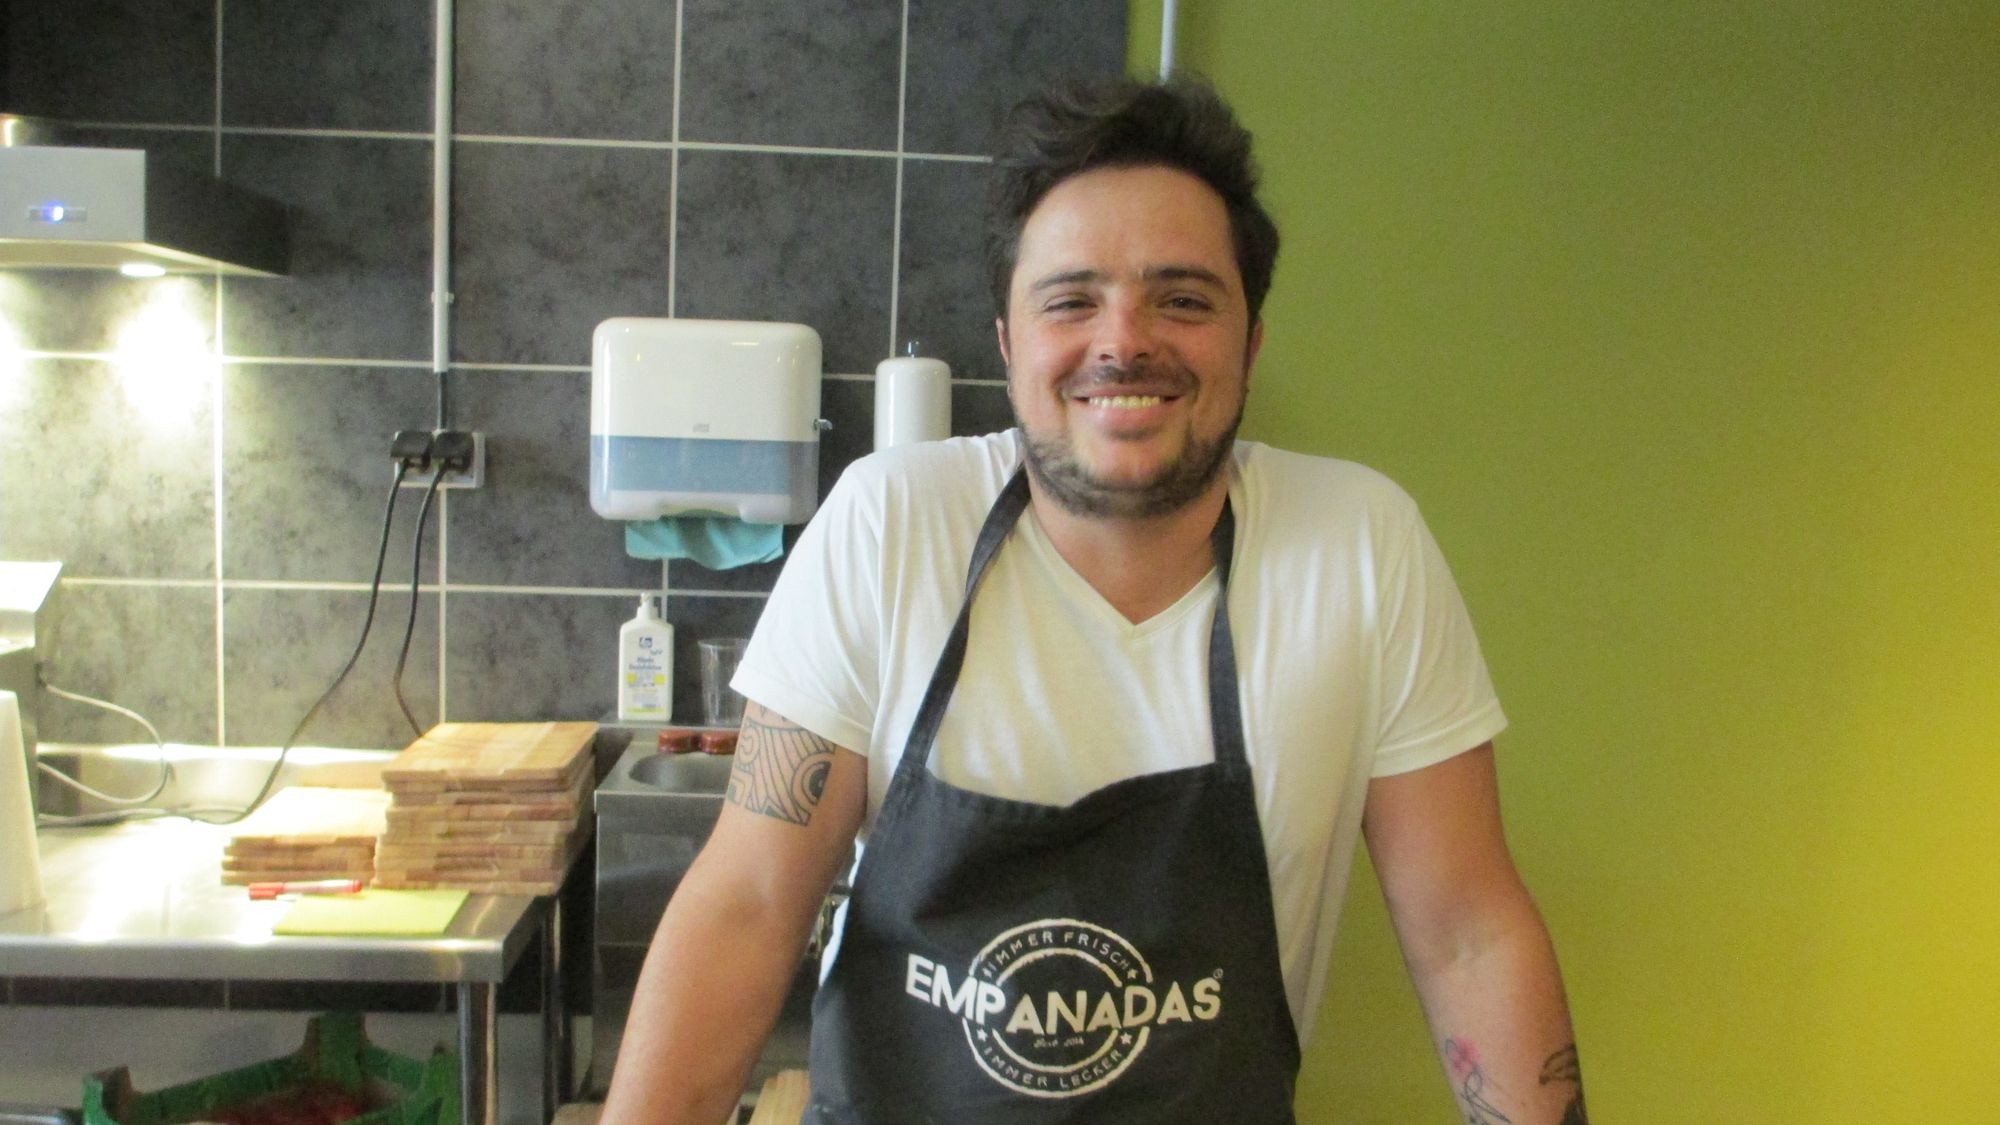 """Karl Zschommler in seinem Empanada-Geschäft auf der Kamenzer Straße: """"Ich will, dass alles funktioniert"""""""